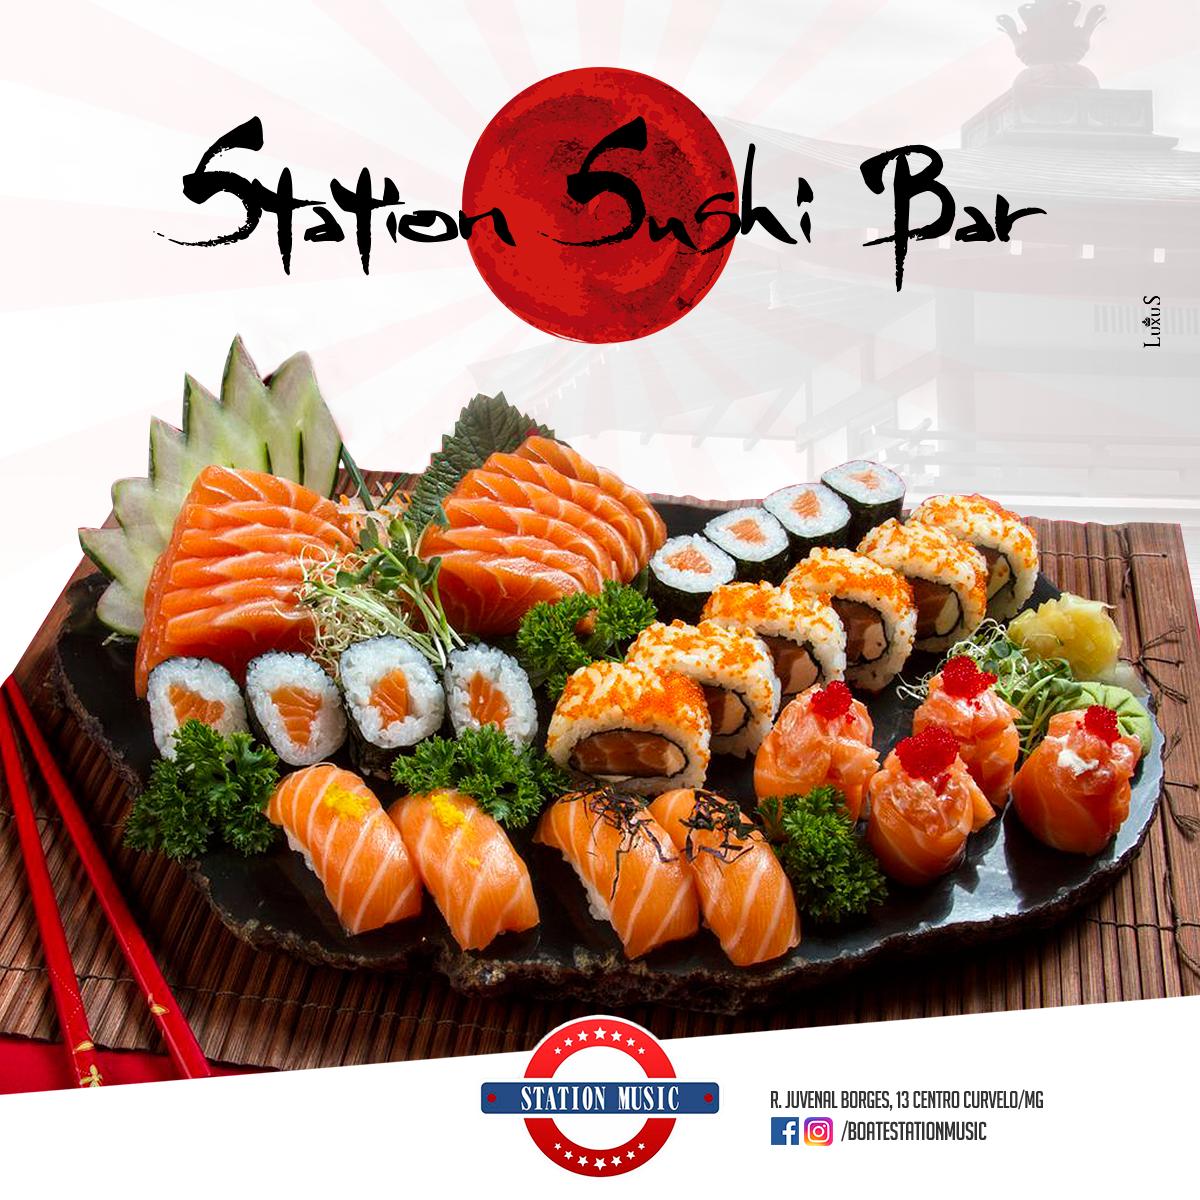 Station Sushi Bar